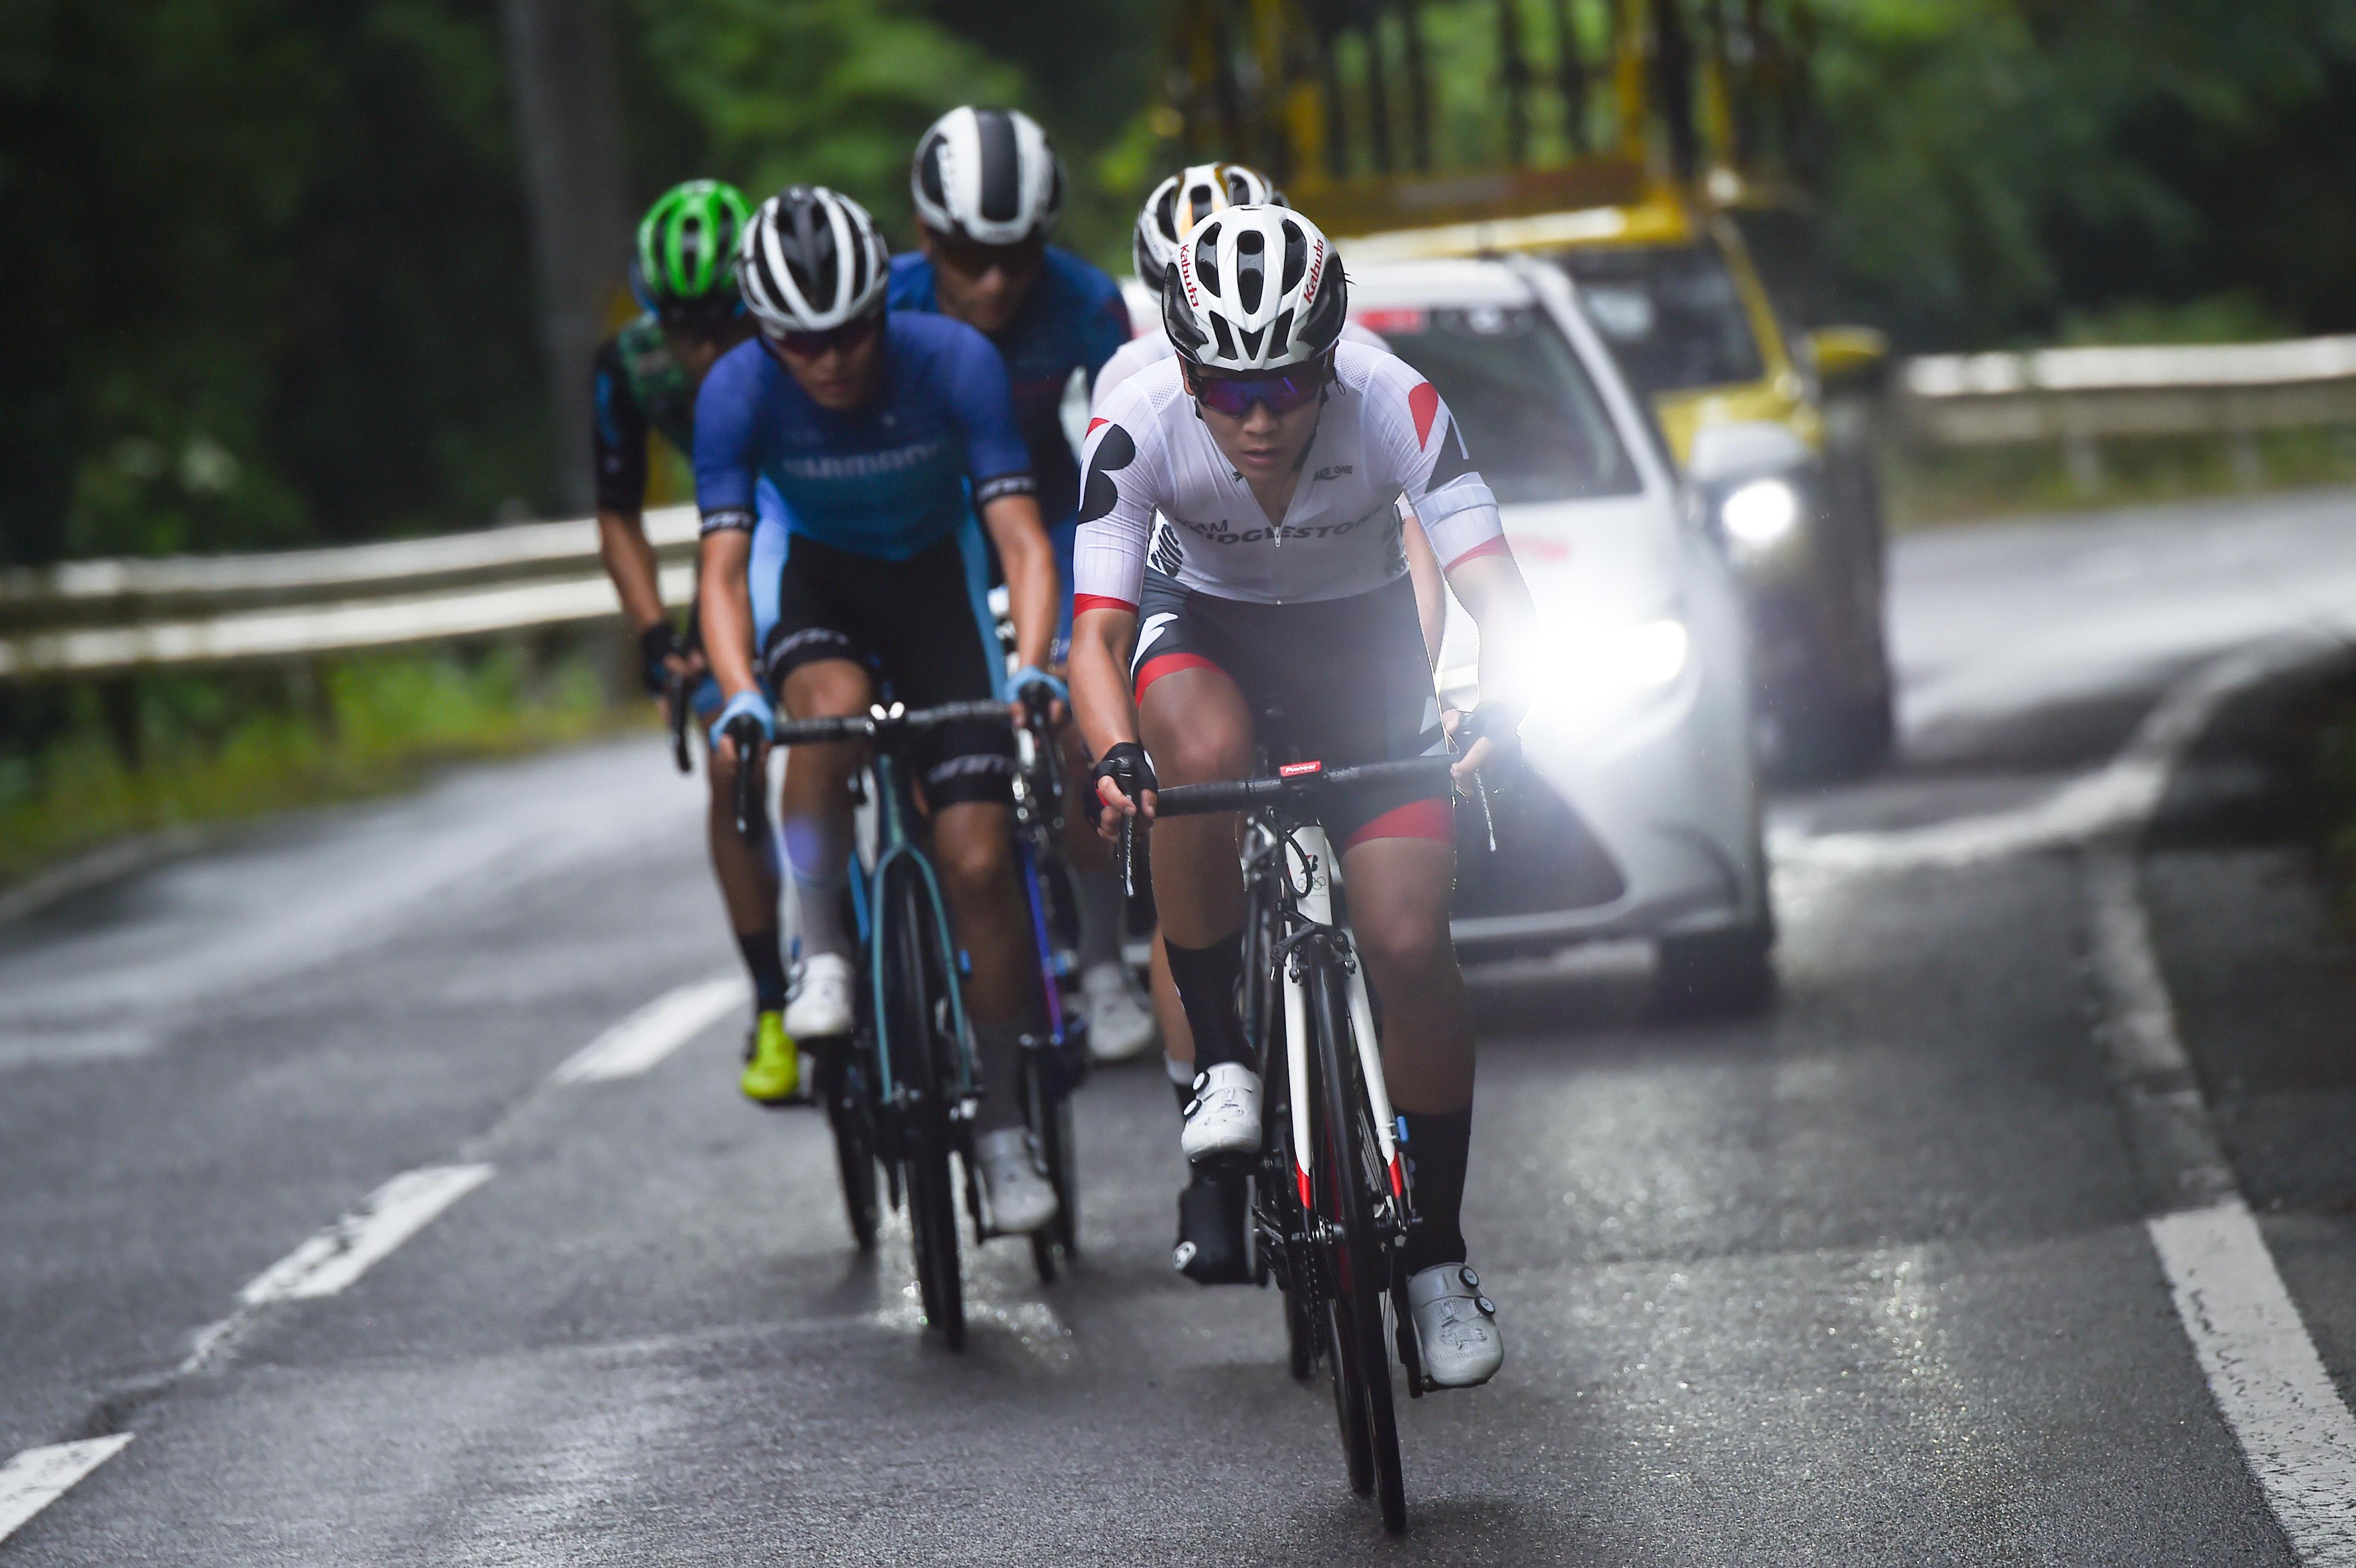 【今村が魅せた!新型ロードバイクRP9を連れてゴール】石川第1回JBCF石川クリテリウム&第19回JBCF石川サイクルロードレース詳報